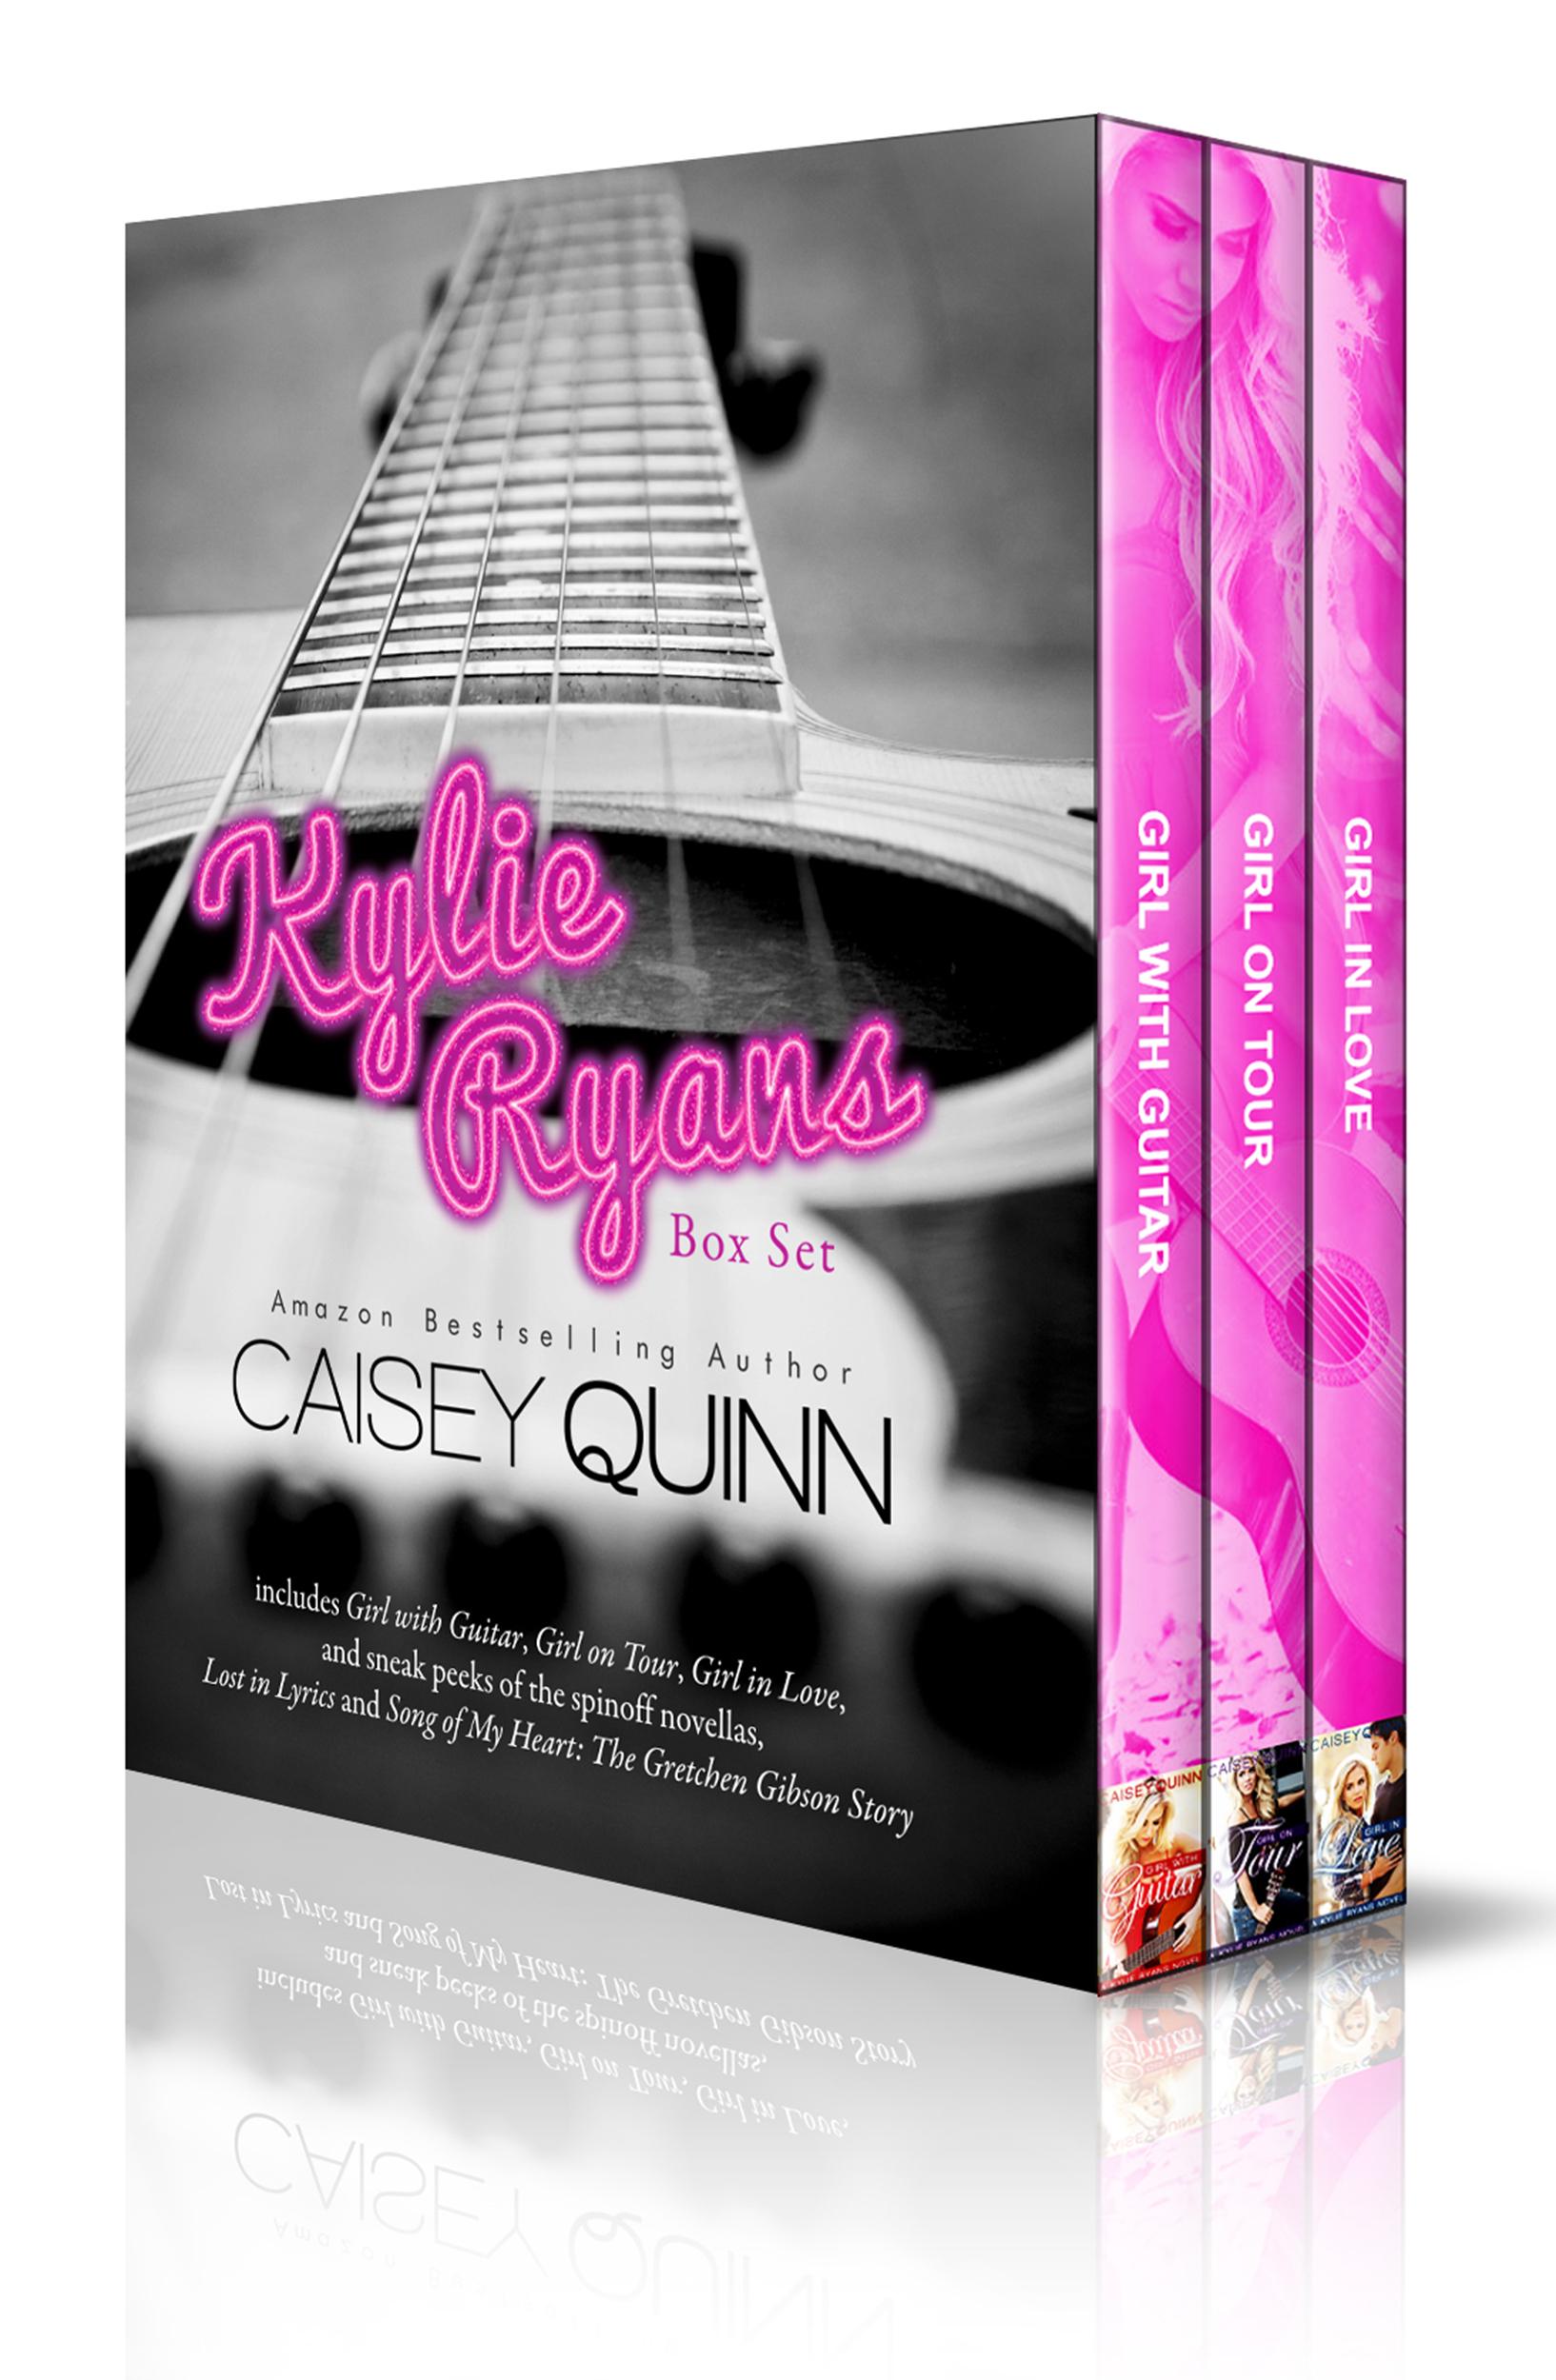 KylieRyans Box Set Amazon.jpg